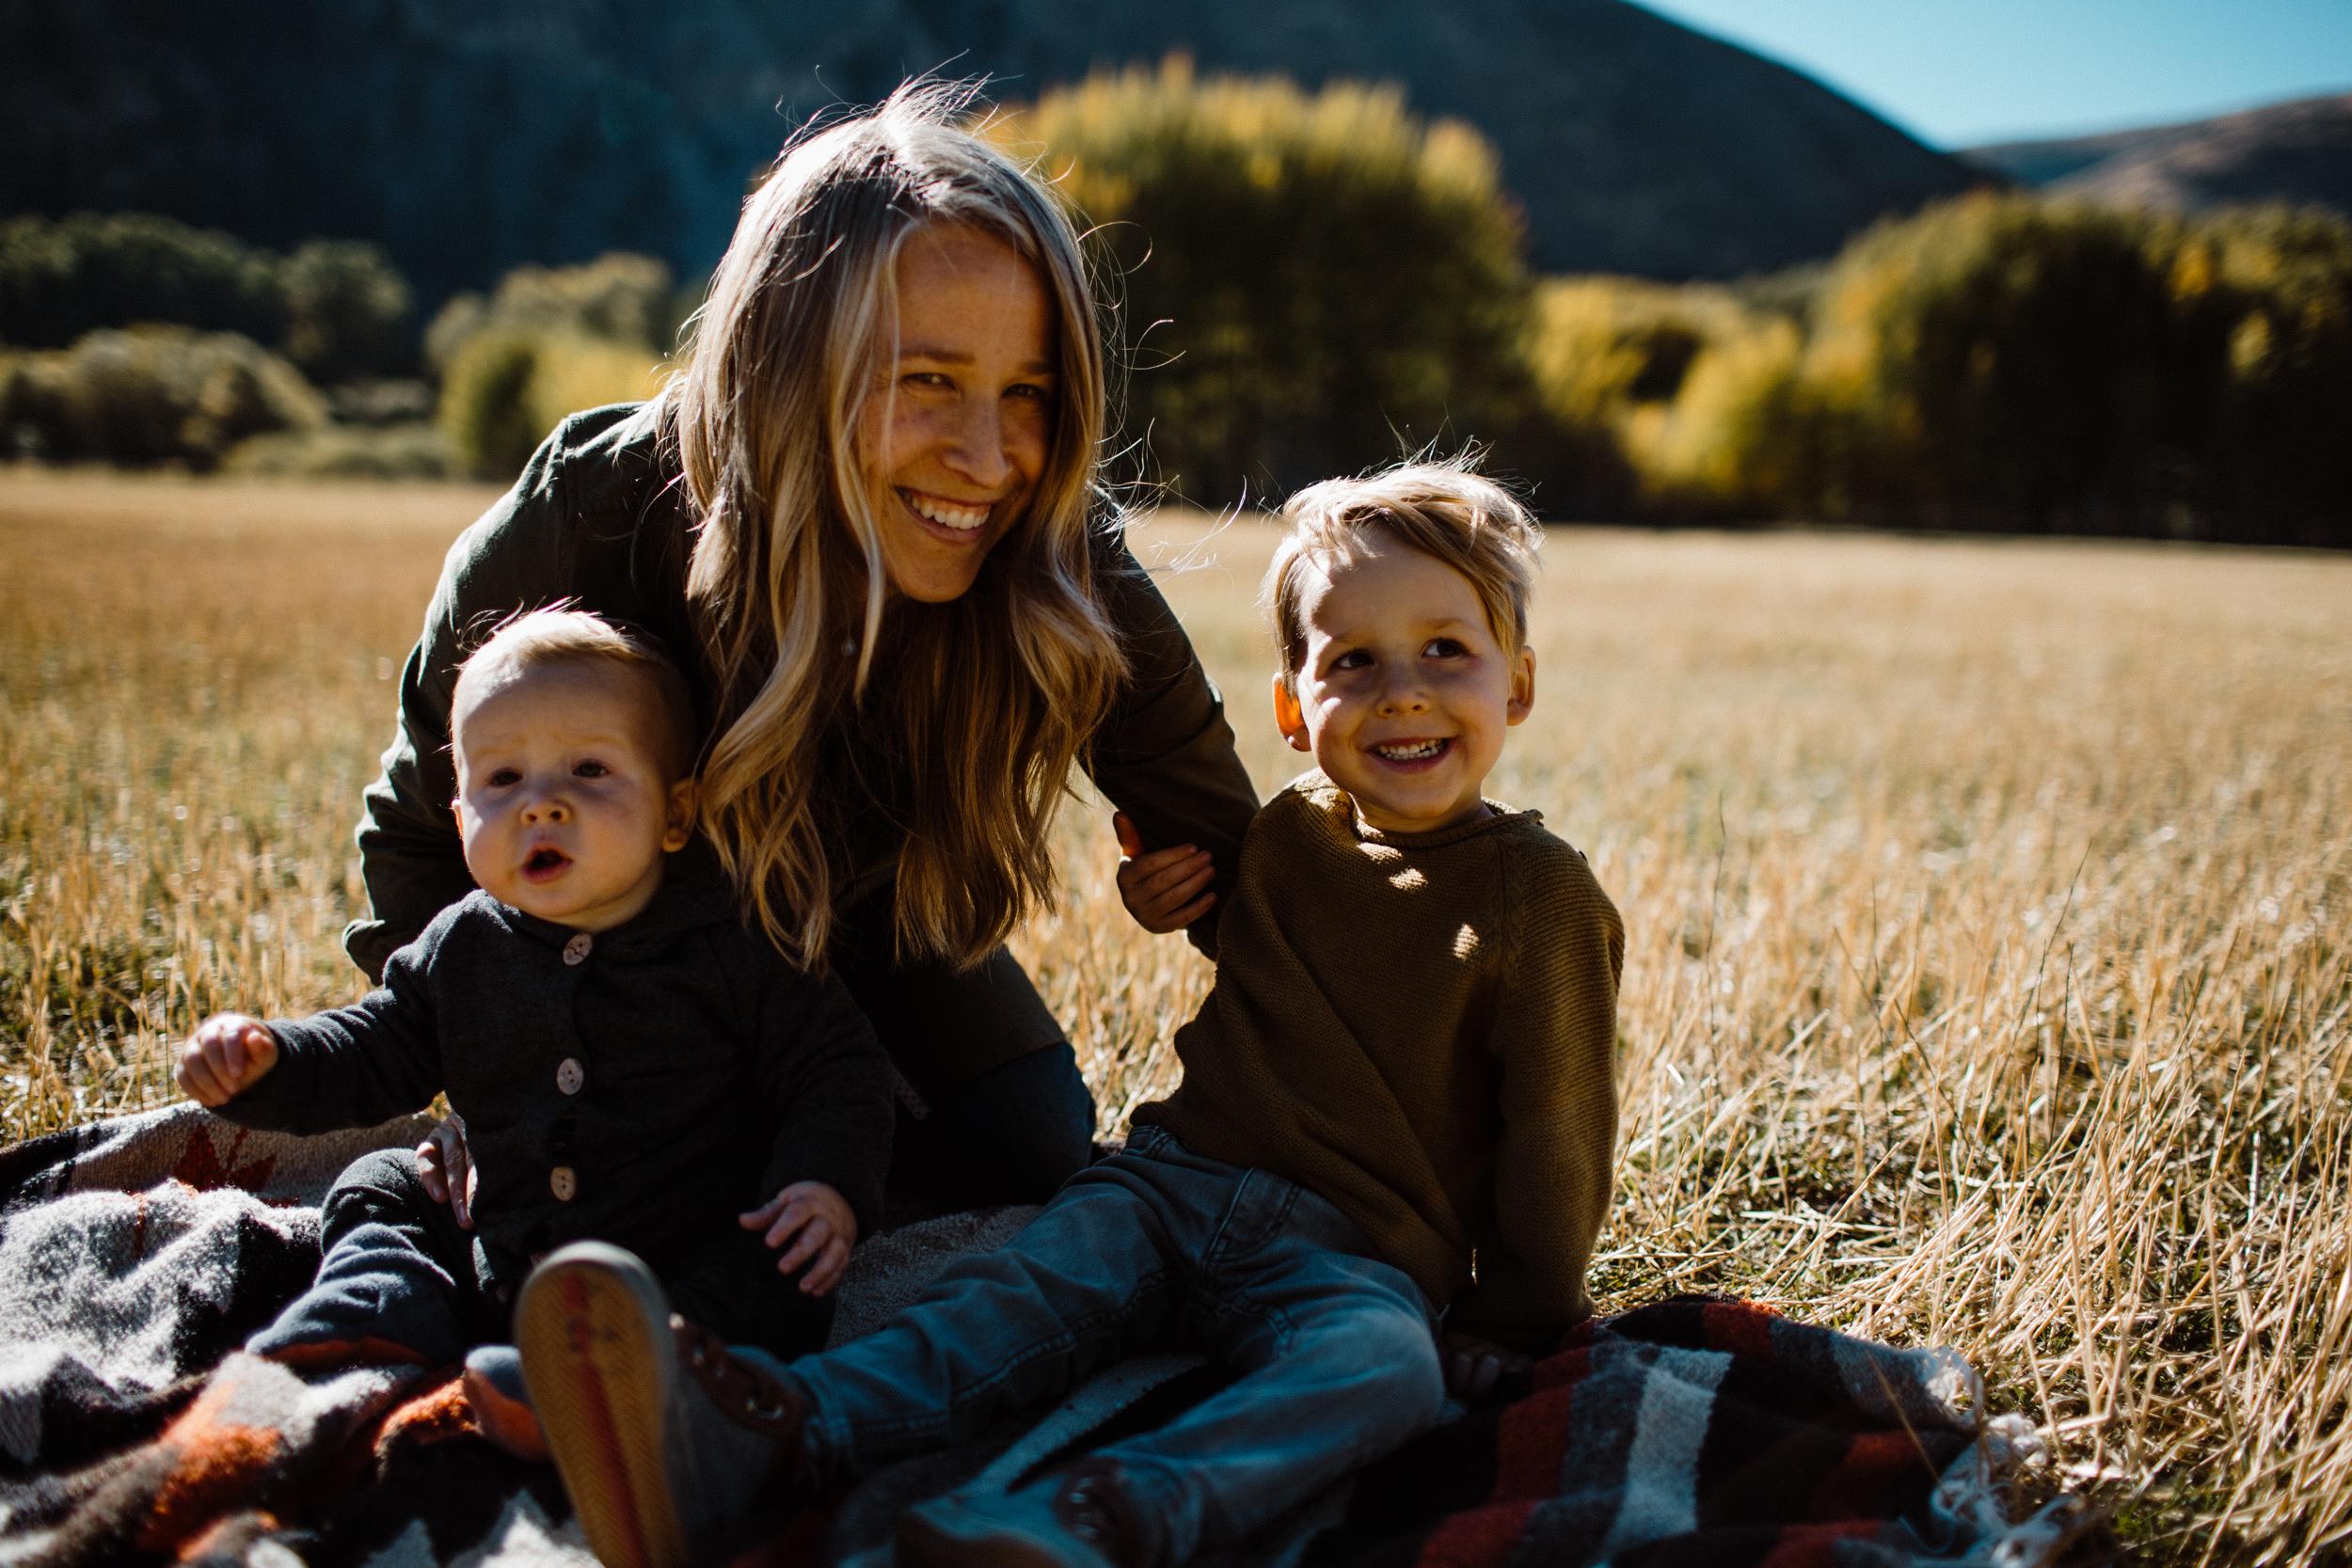 walkerfamily-Sunvalleyfallfamilyphotos-35.jpg